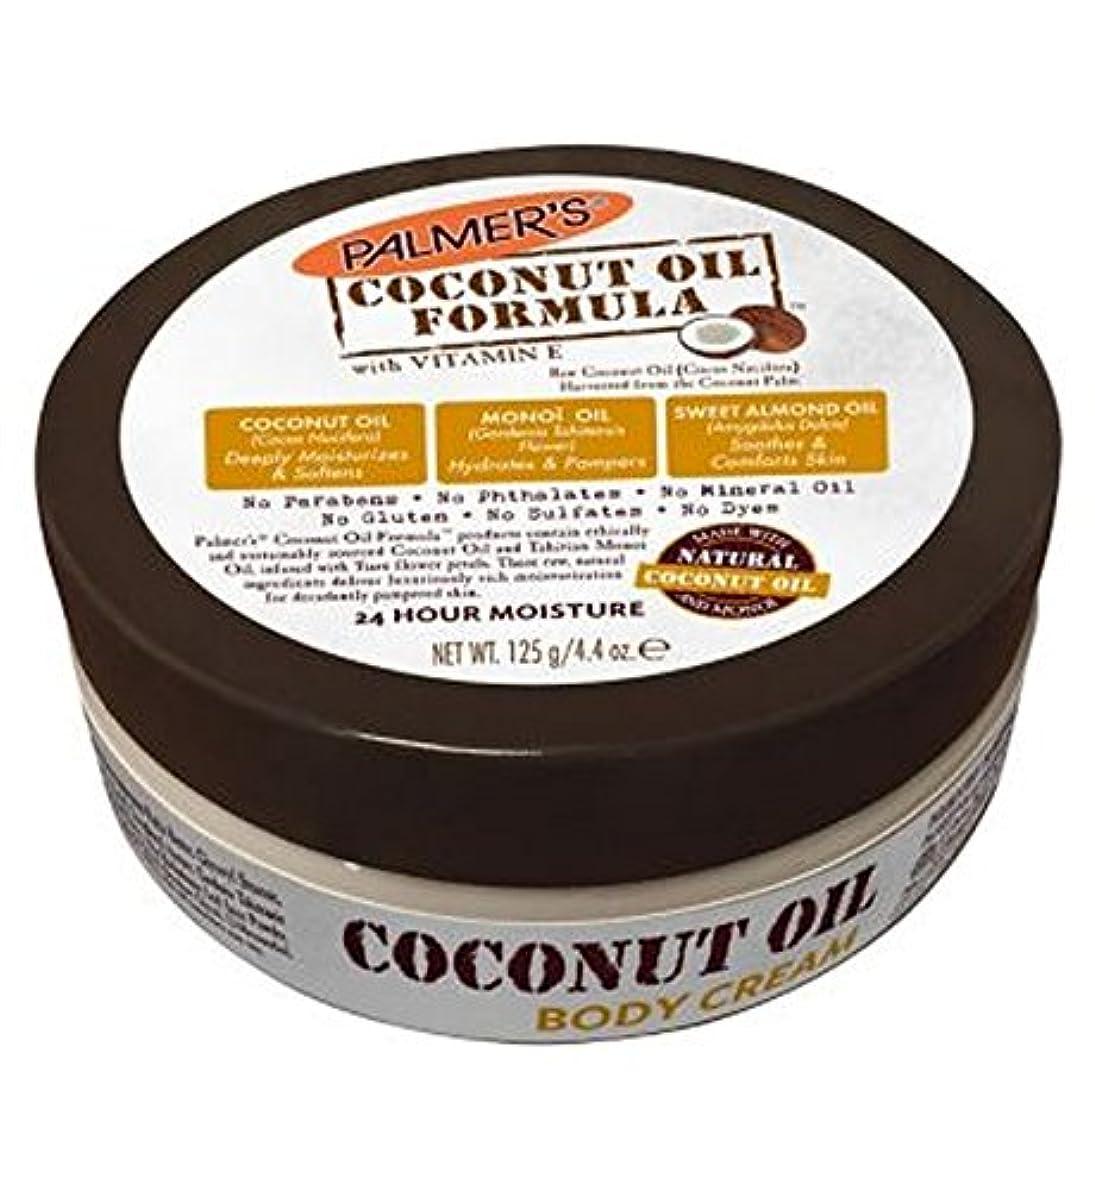 識字フィドルマッシュPalmer's Coconut Oil Formula Body Cream 125g - パーマーのヤシ油式ボディクリーム125グラム (Palmer's) [並行輸入品]